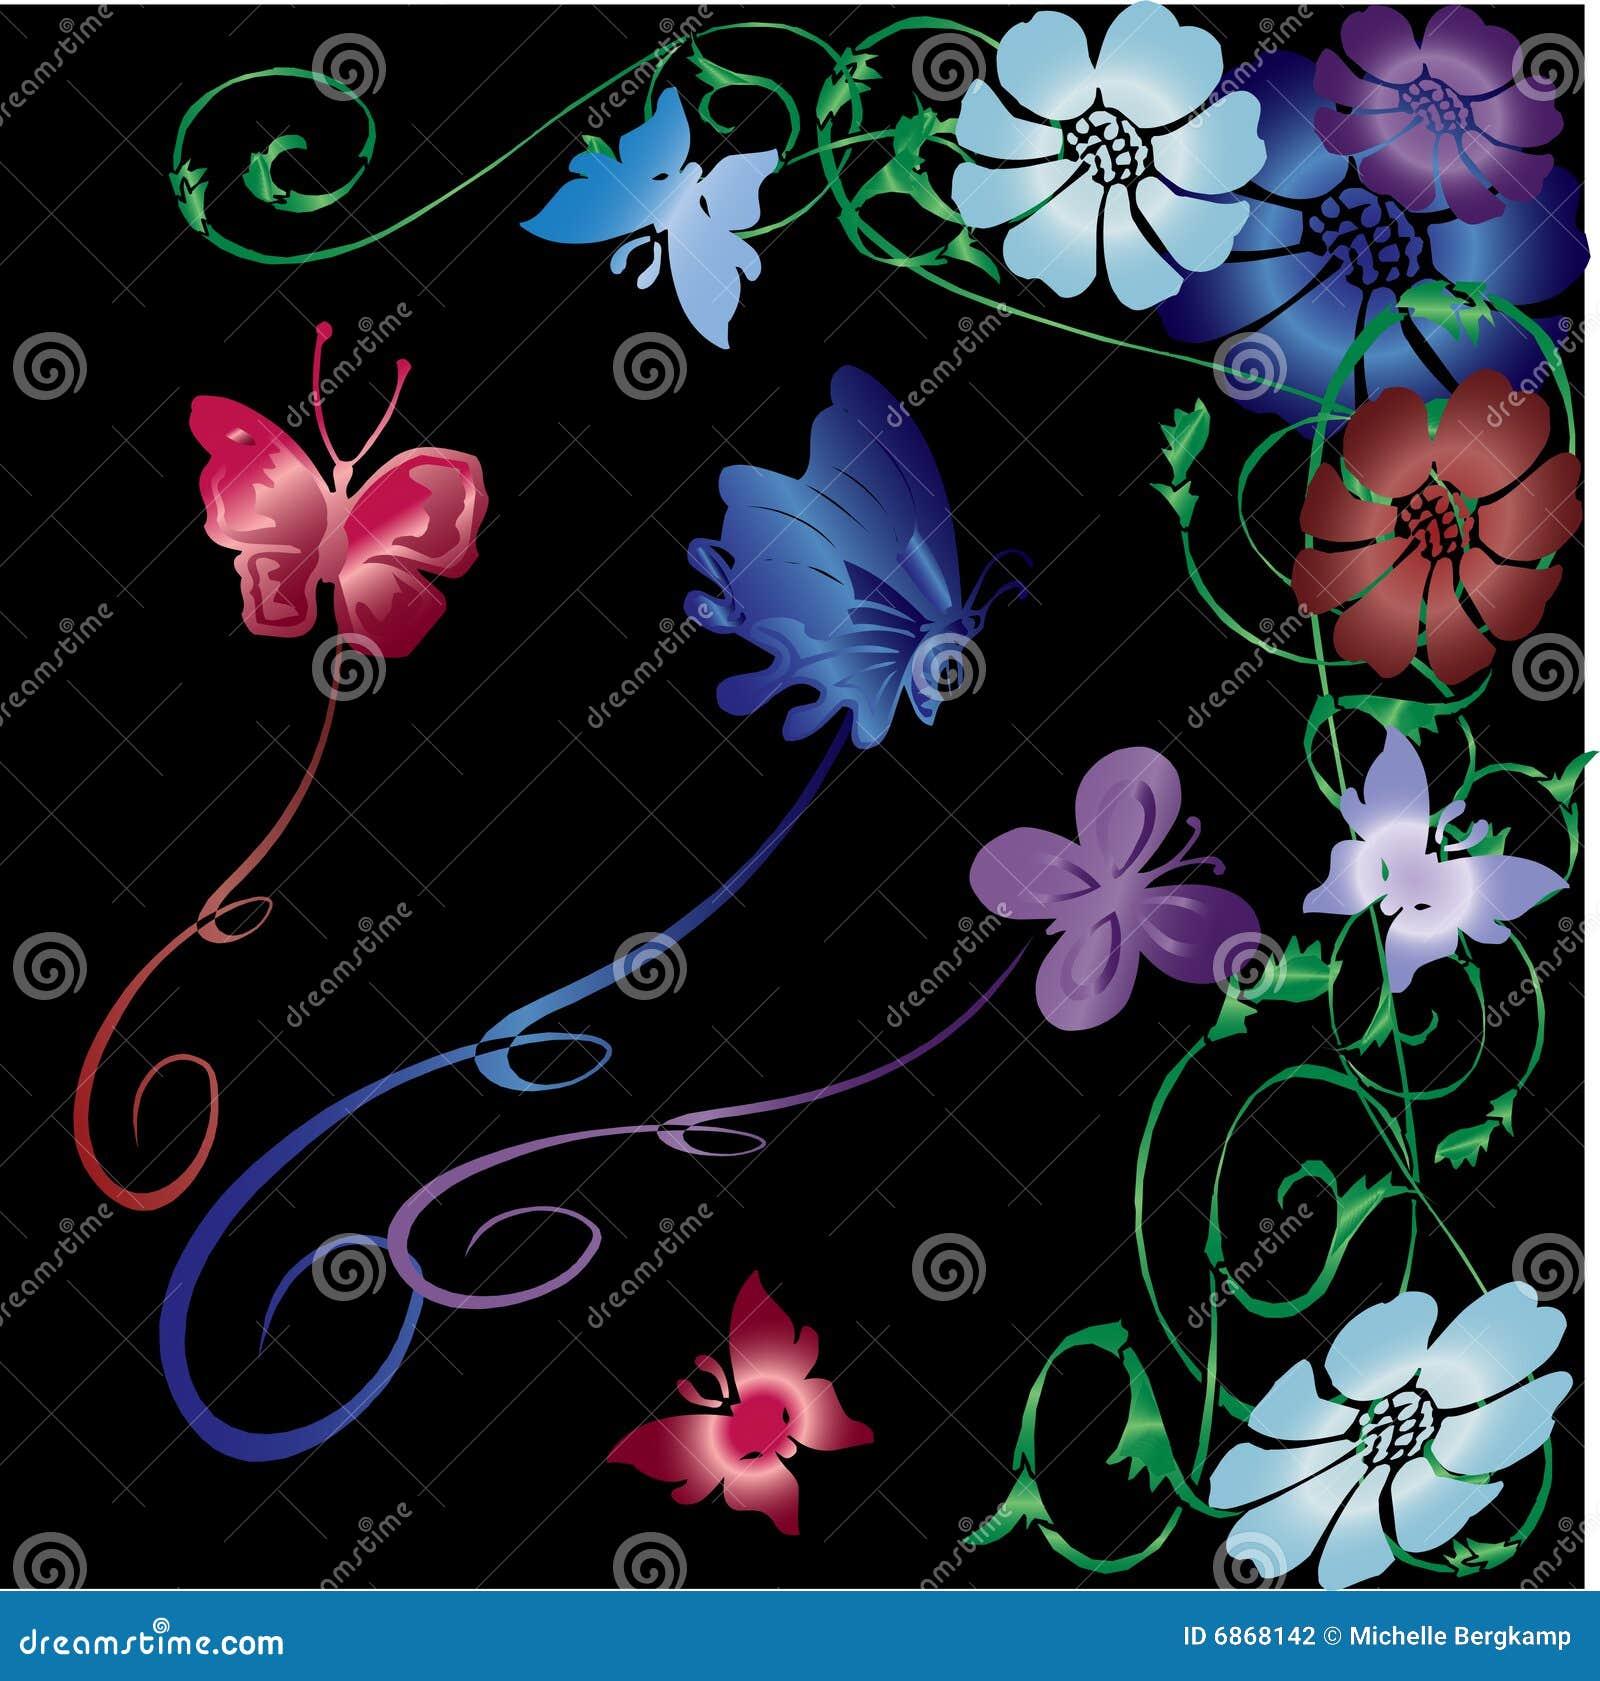 вектор иллюстрации бабочки